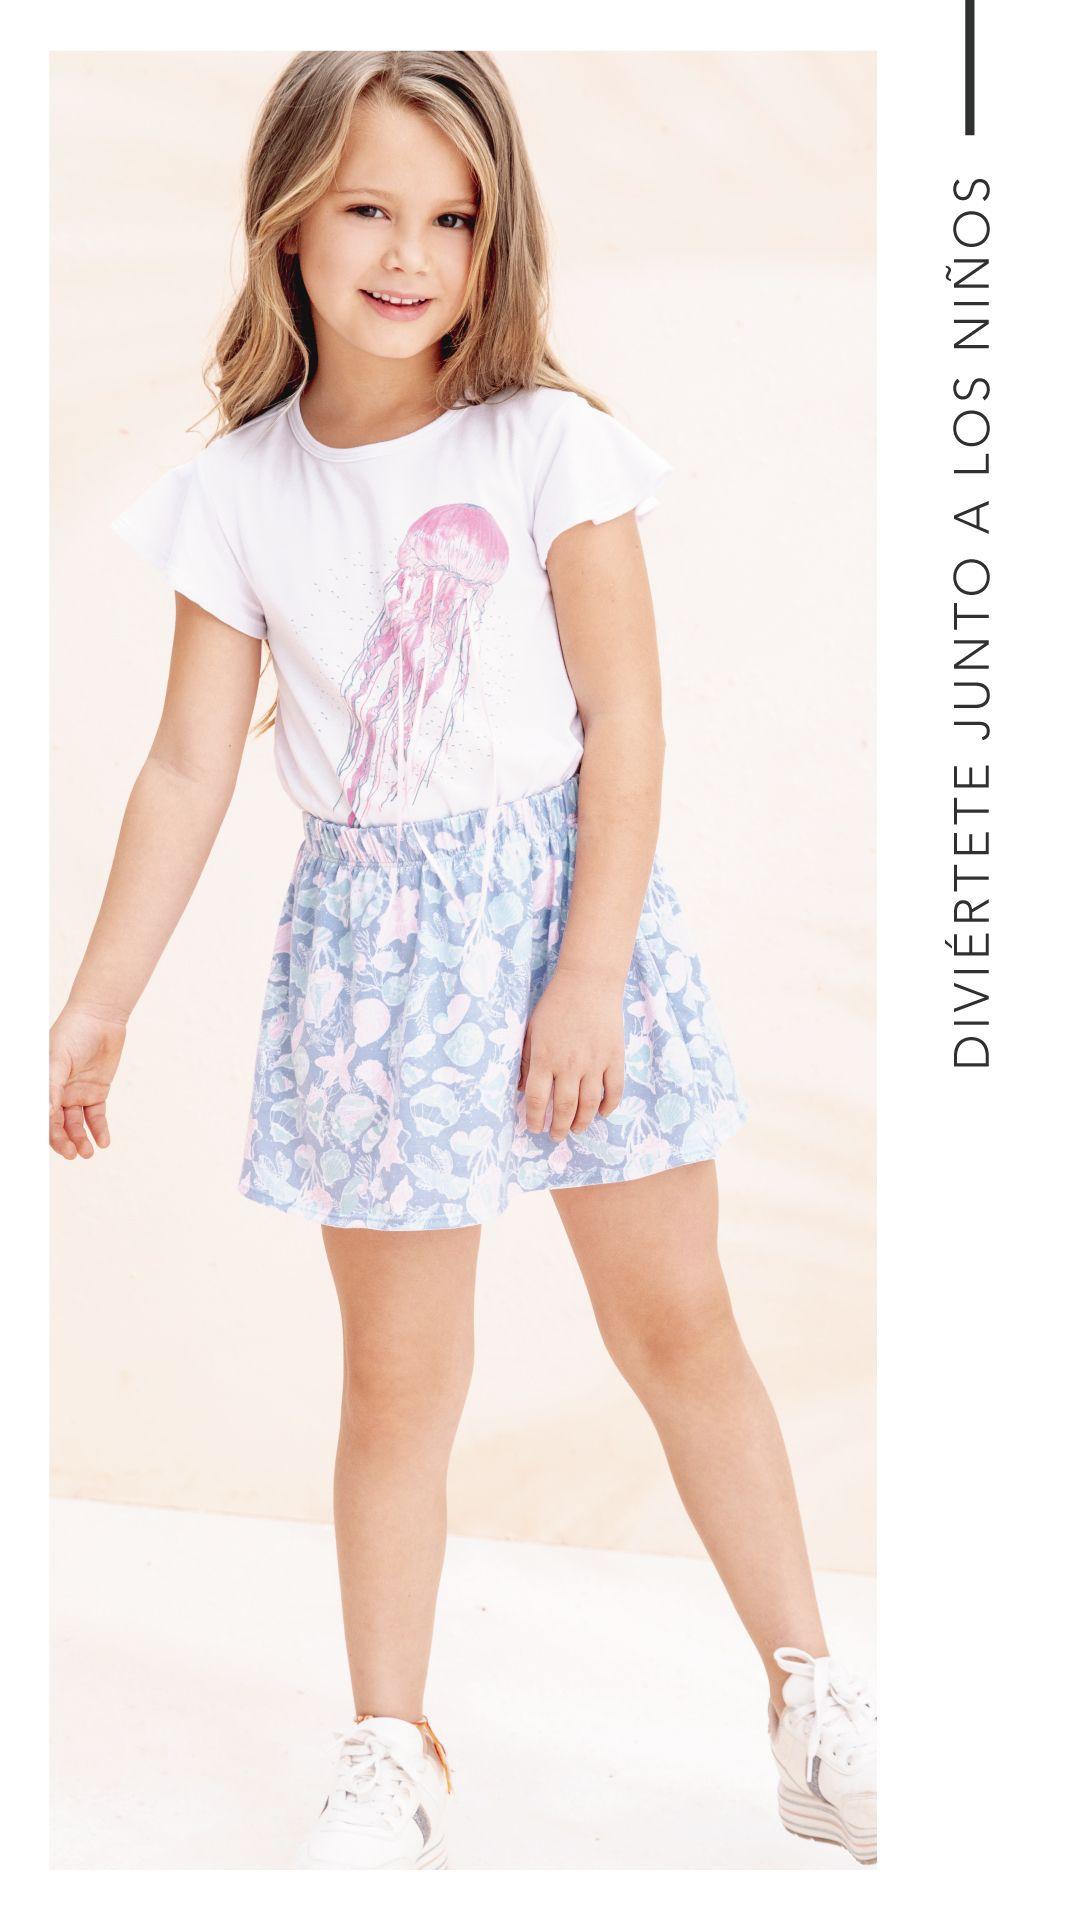 Loguin Kids Catalogos De Ropa Moda Para Ninas Ropa